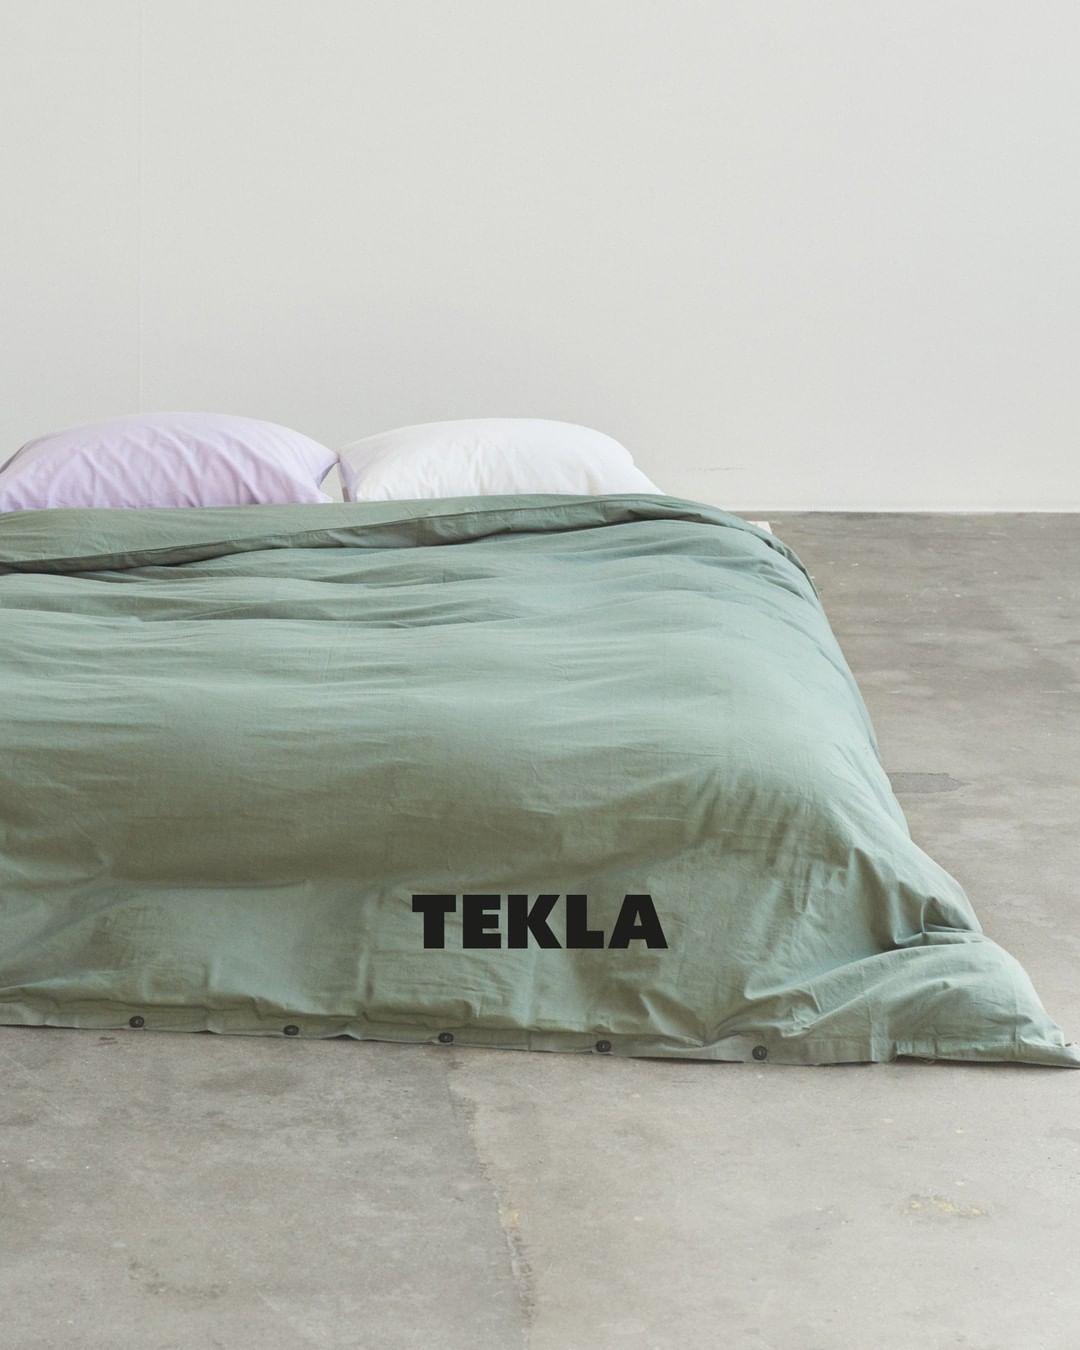 Tekla Fabrics On Instagram Philip Messmann For Teklafabrics